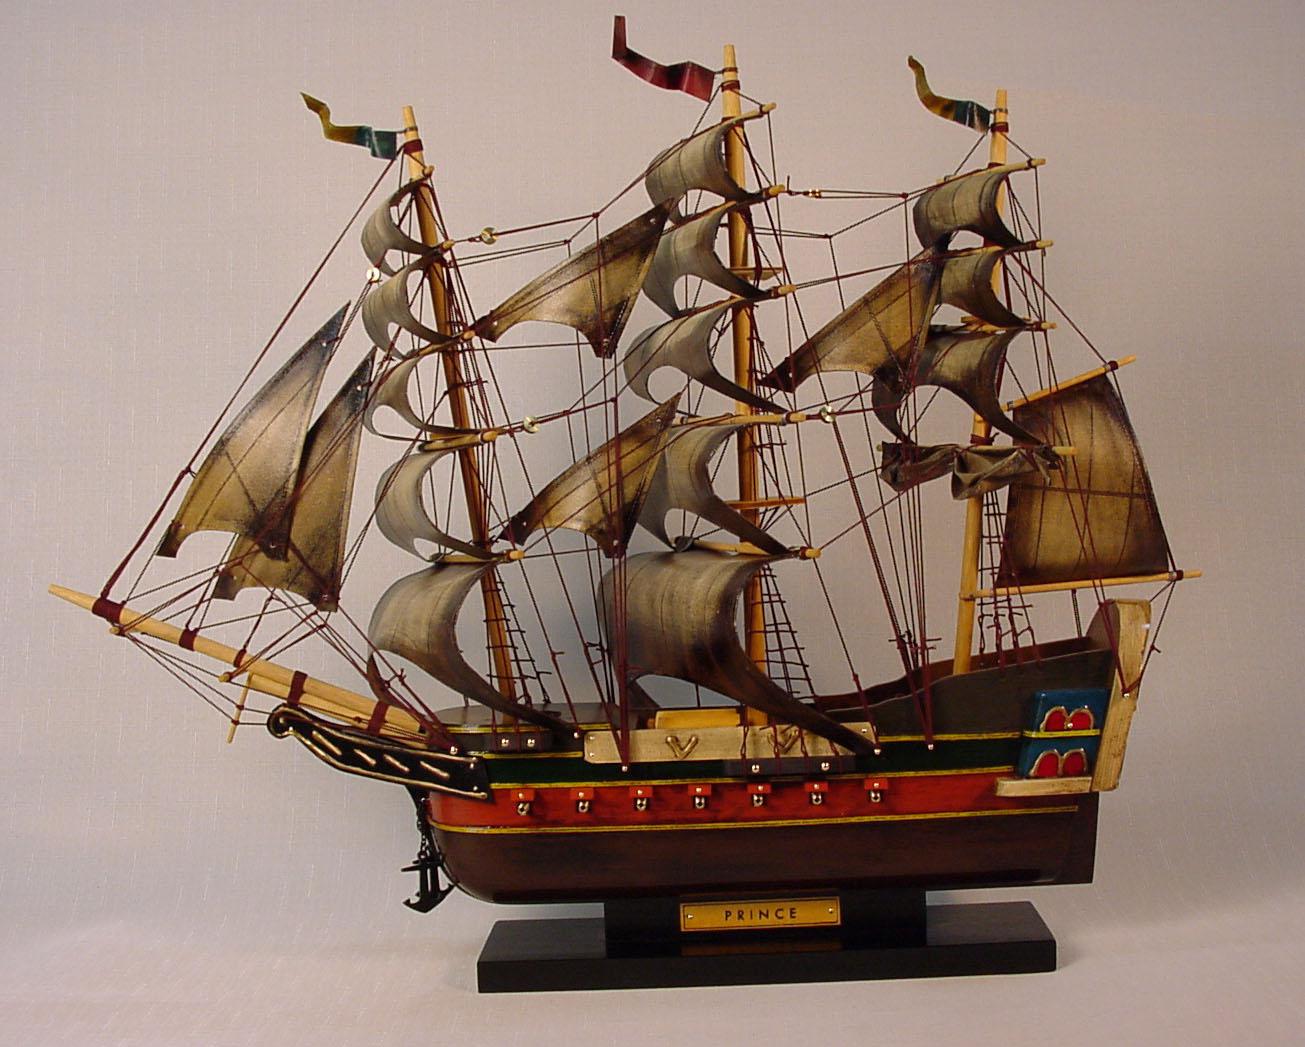 帆船模型 モデルシップ (完成品) No208 プリンス 新築祝 開業祝 お祝い 門出【楽ギフ_のし】【楽ギフ_メッセ入力】